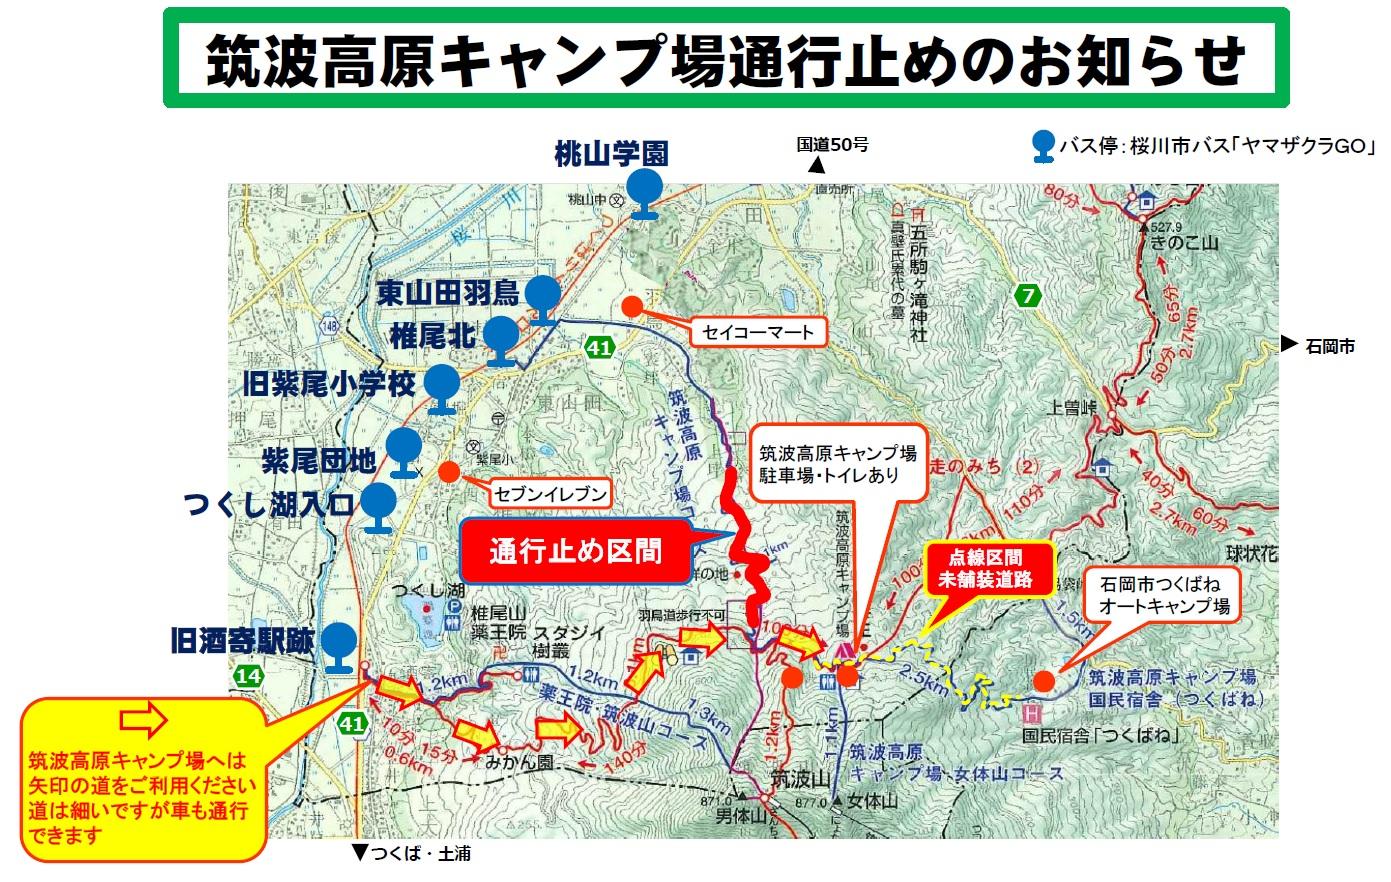 『筑波高原キャンプ場通行止めマップ』の画像